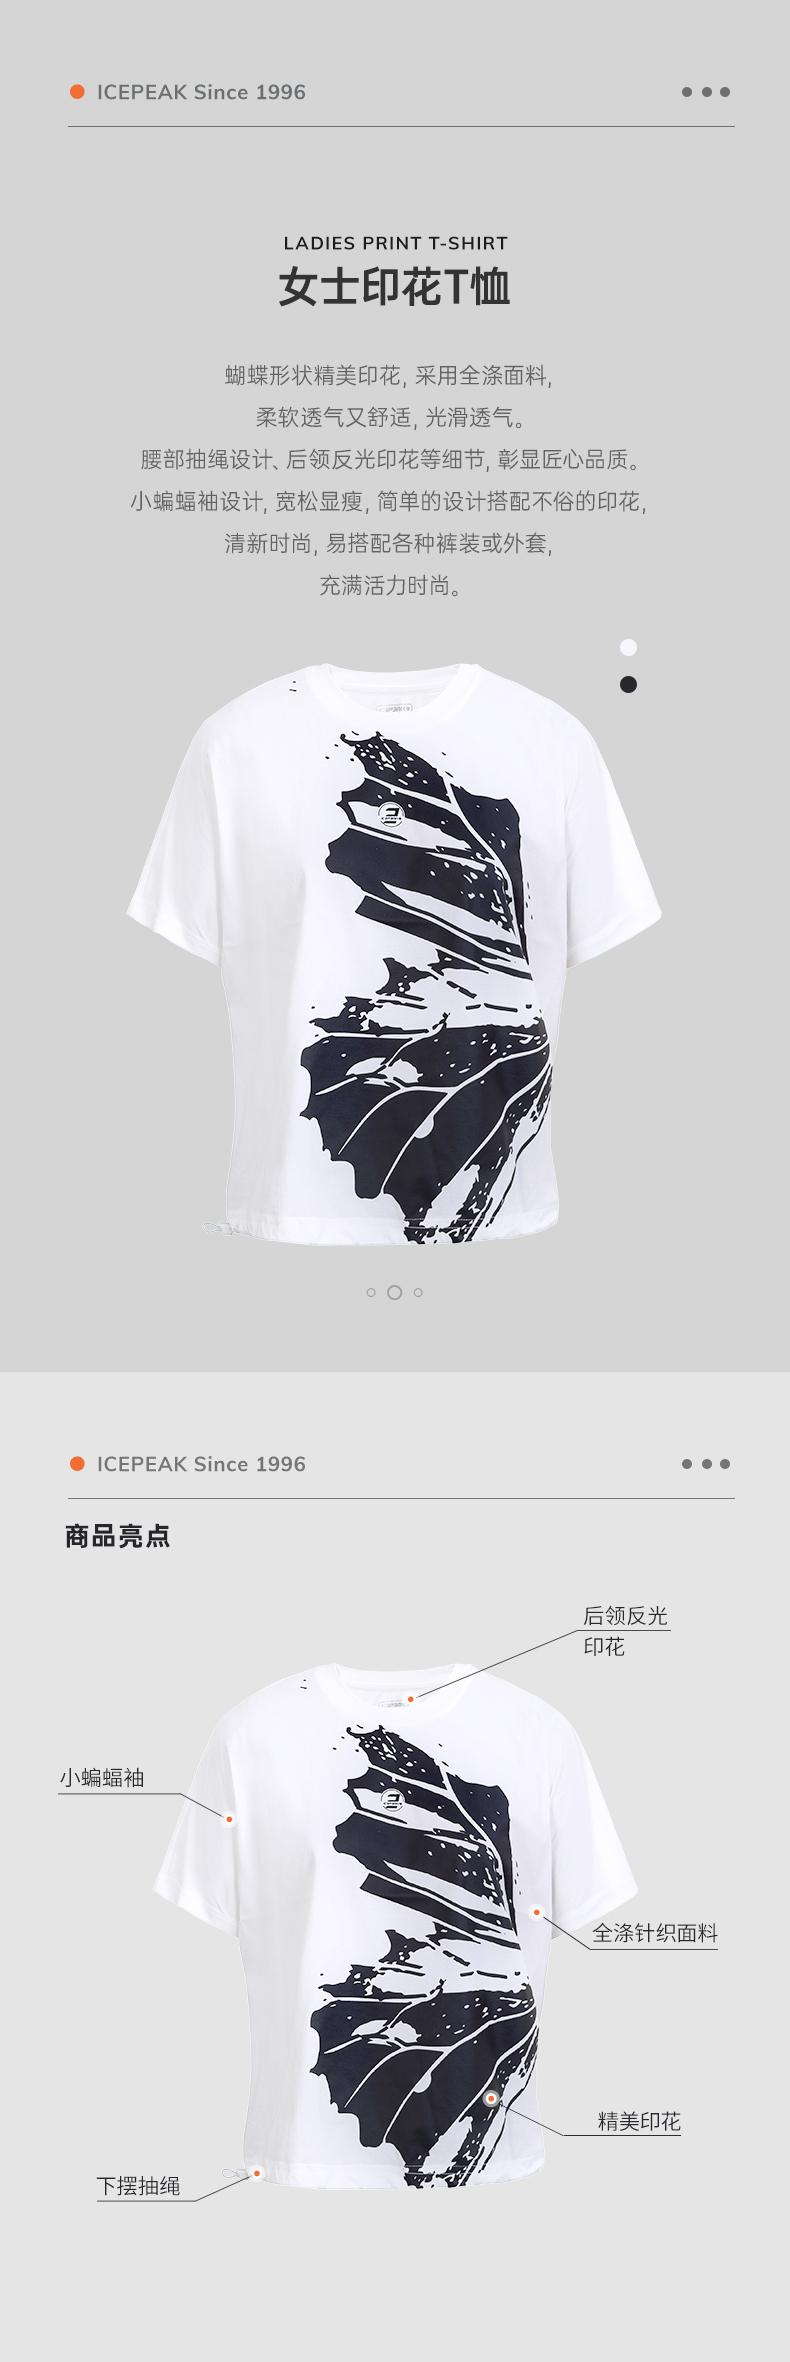 芬兰最大户外品牌之一 艾斯匹克 icepeak  男女/儿童 休闲印花速干T恤 图5